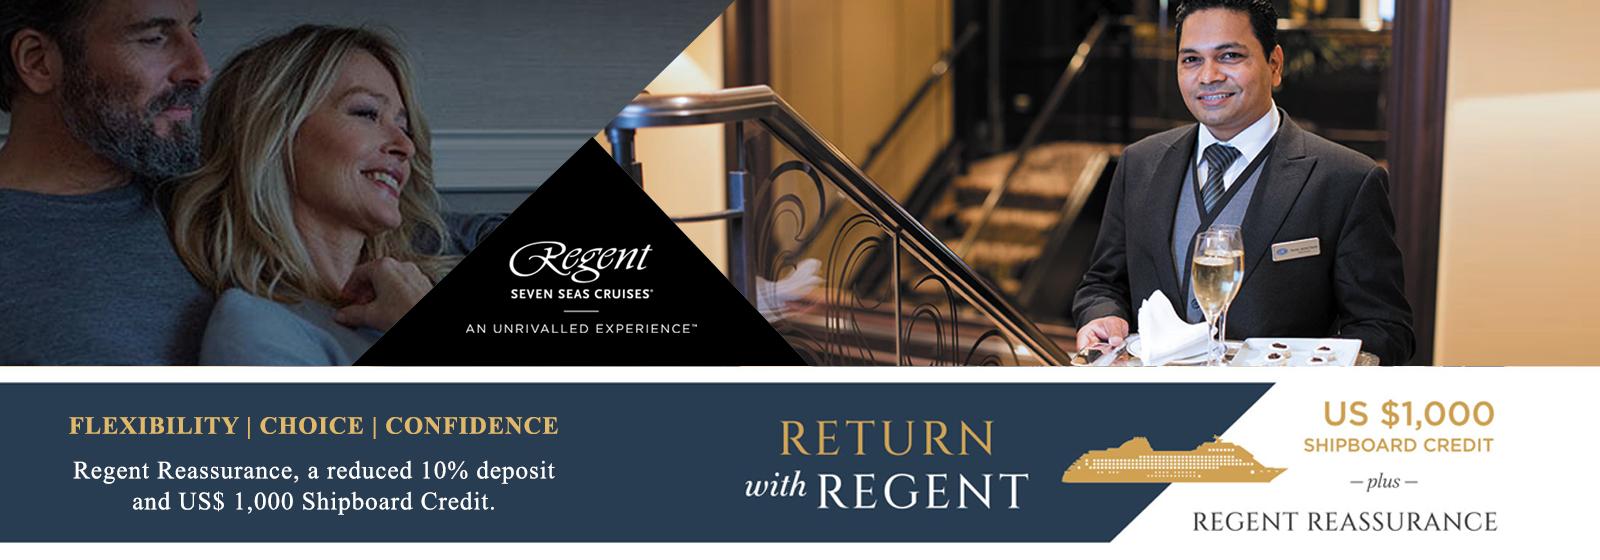 Regent Seven Seas - Return with Regent